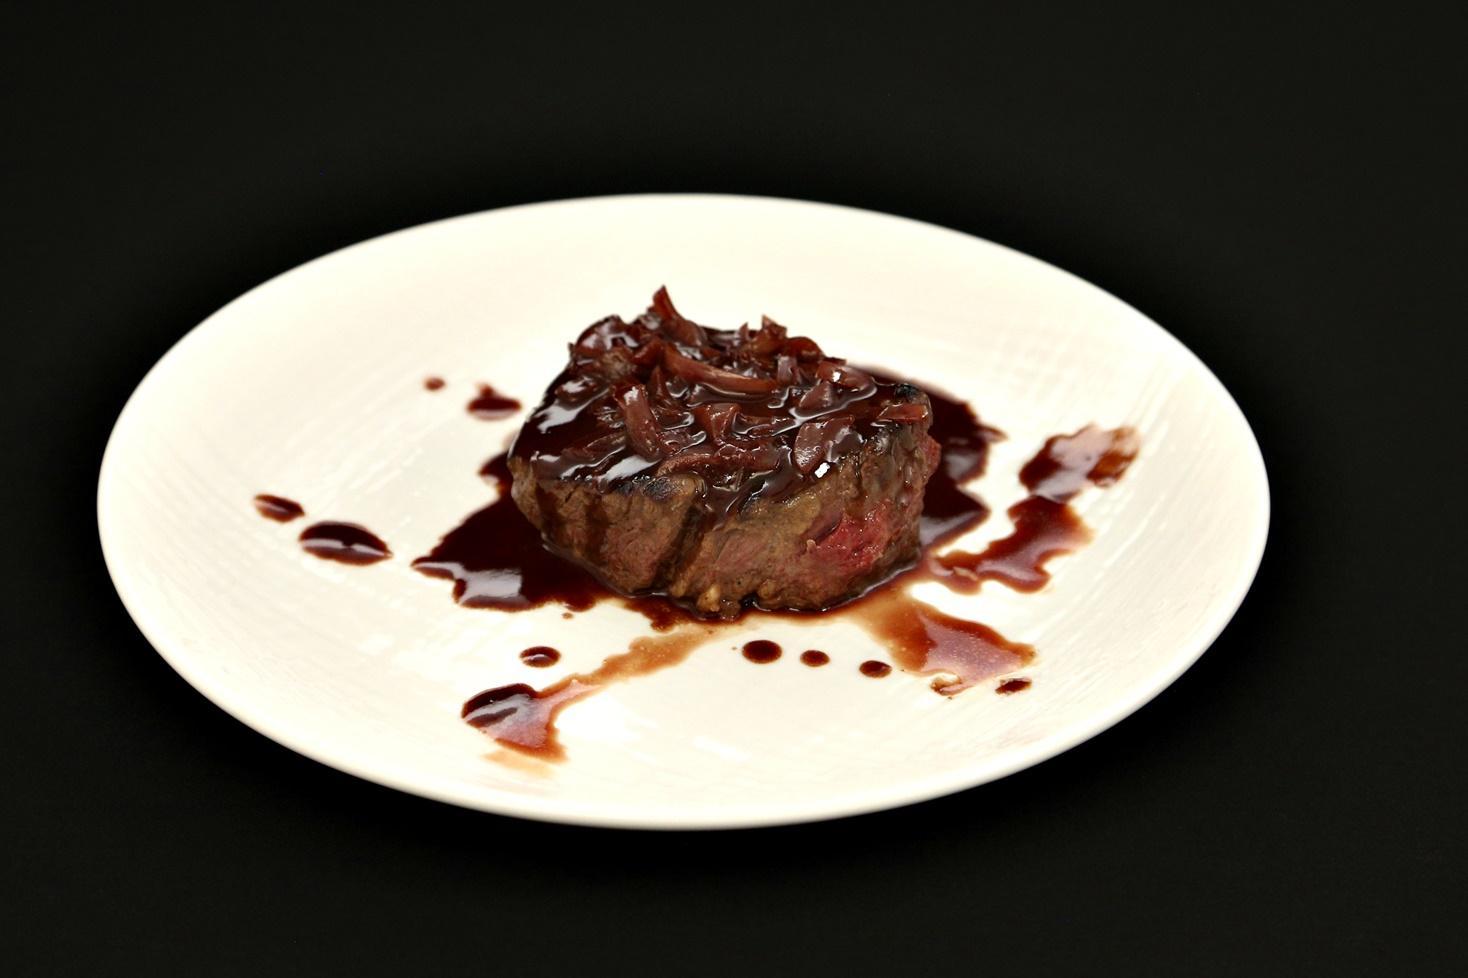 Mușchi de vită la grătar cu sos de ciocolată